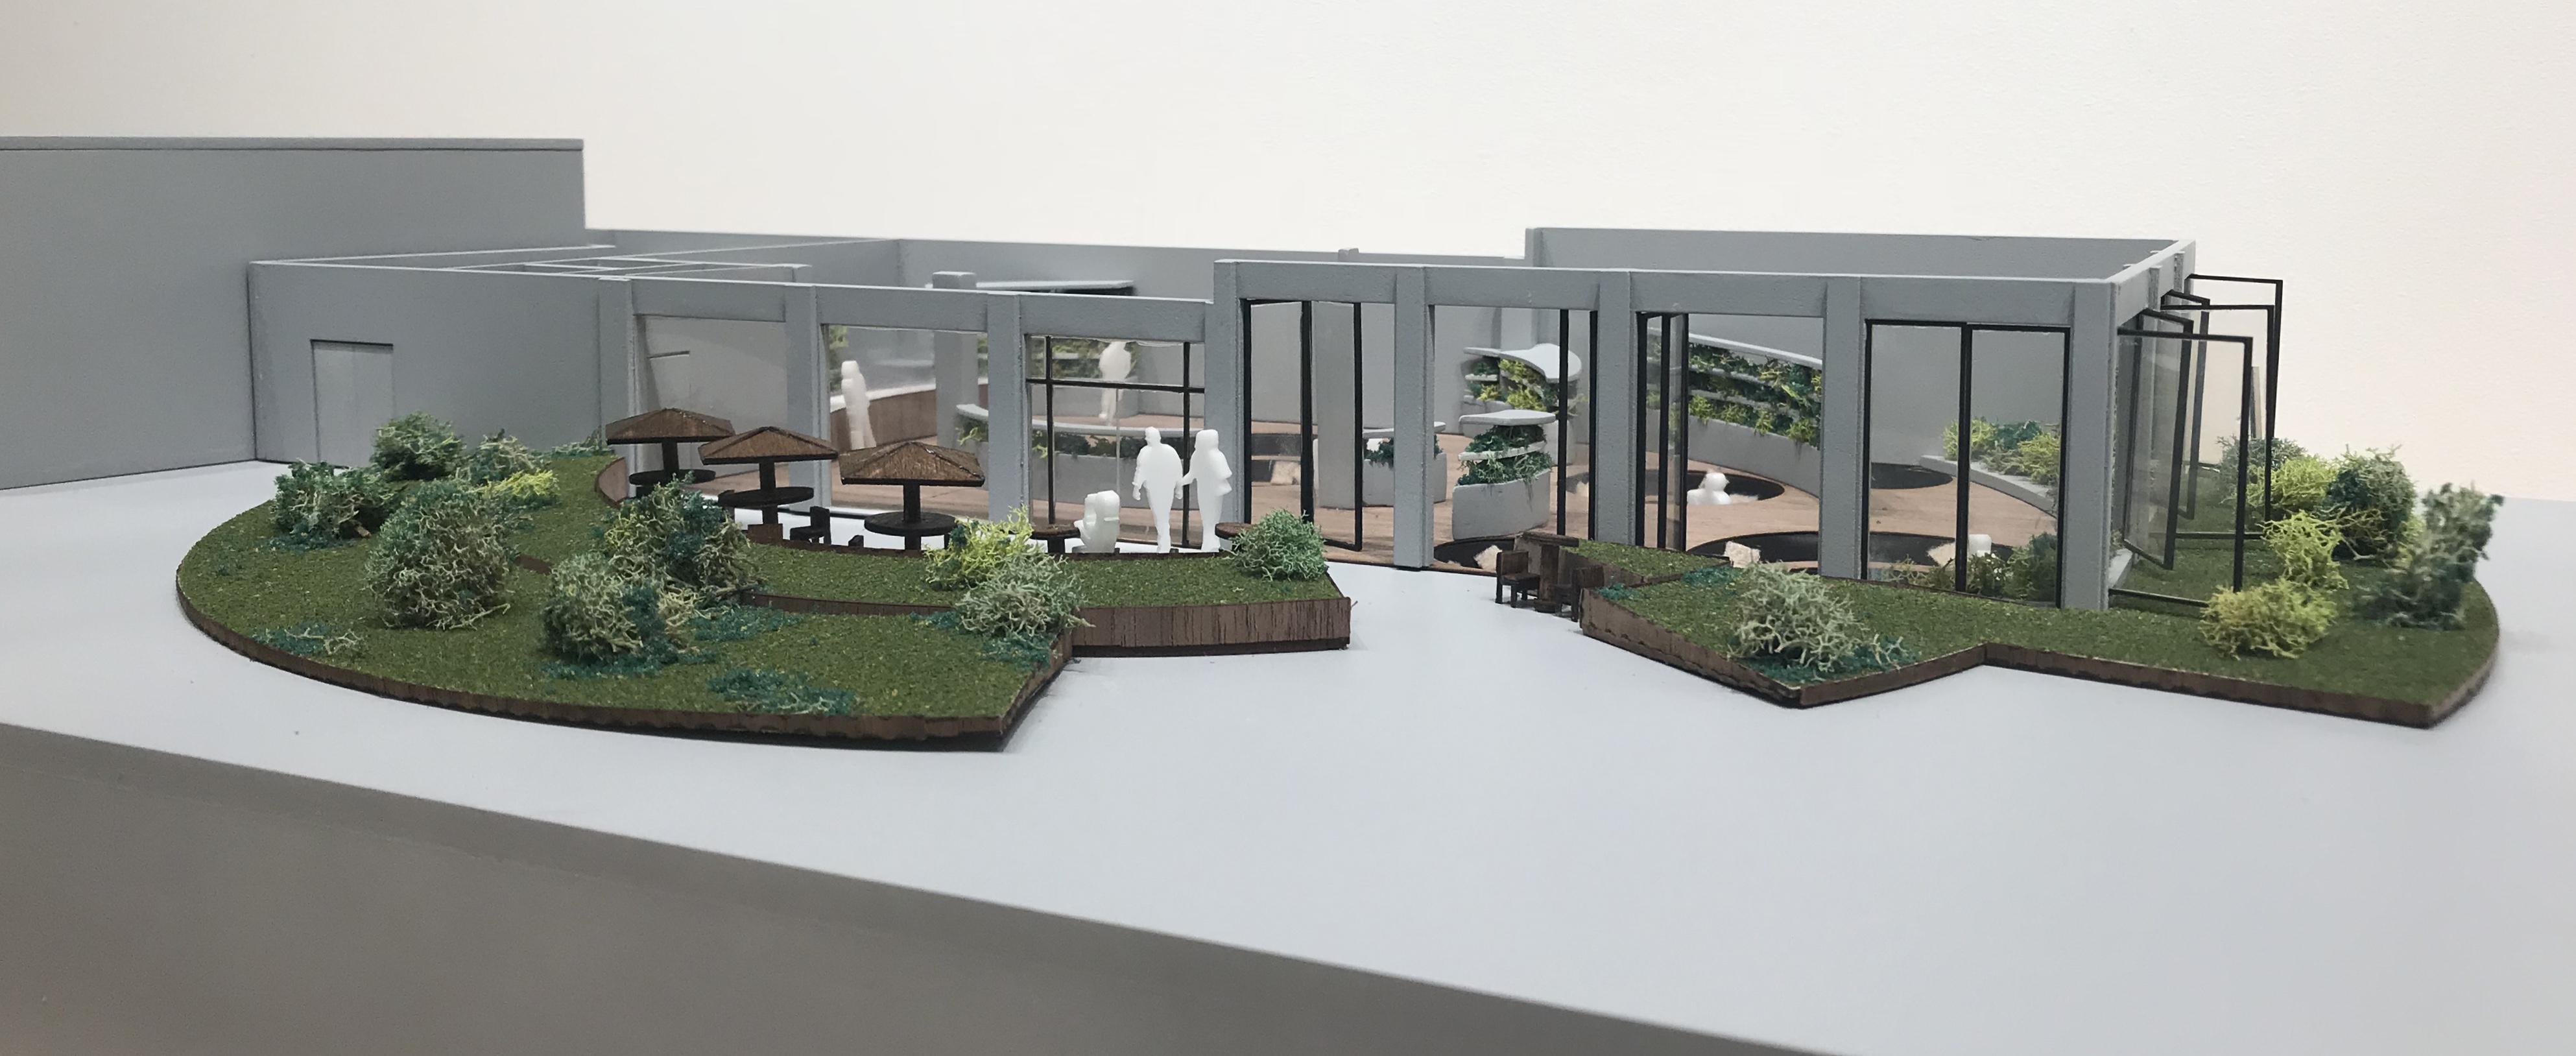 Lebensgärten_2